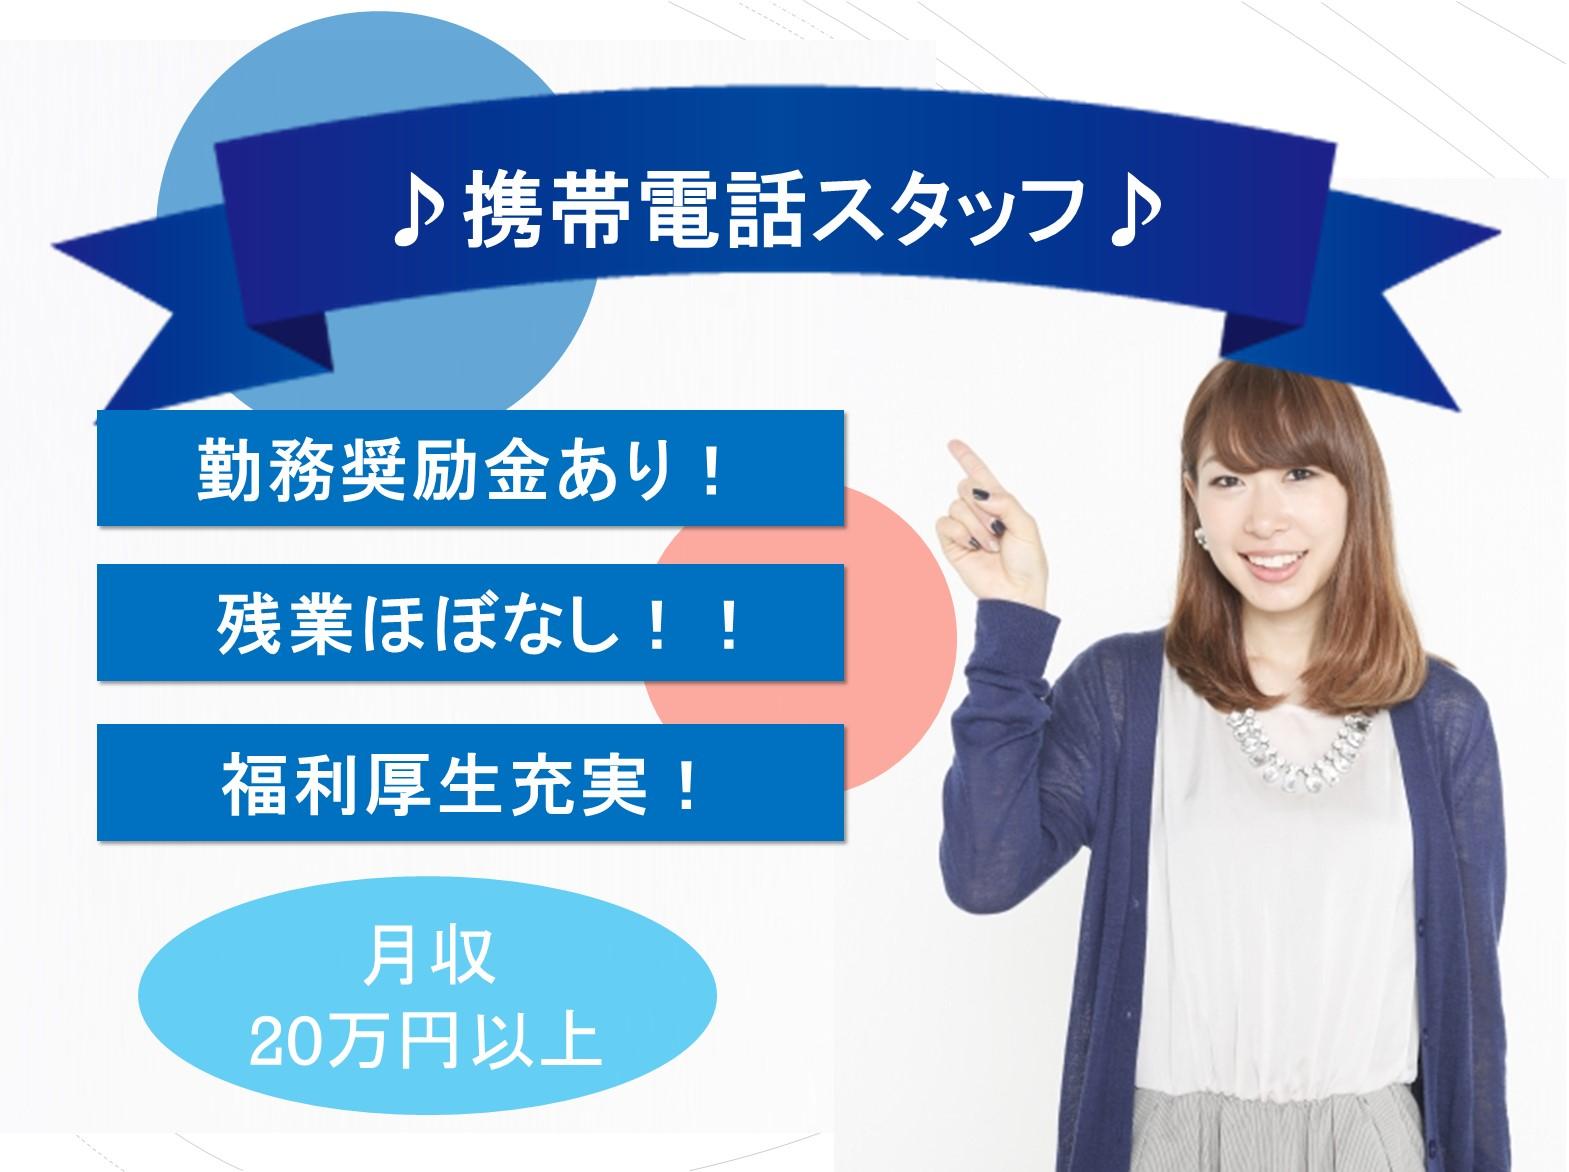 勤務奨励金あり!ライフステージに合わせた働き方!携帯電話スタッフ 愛知県安城市 イメージ